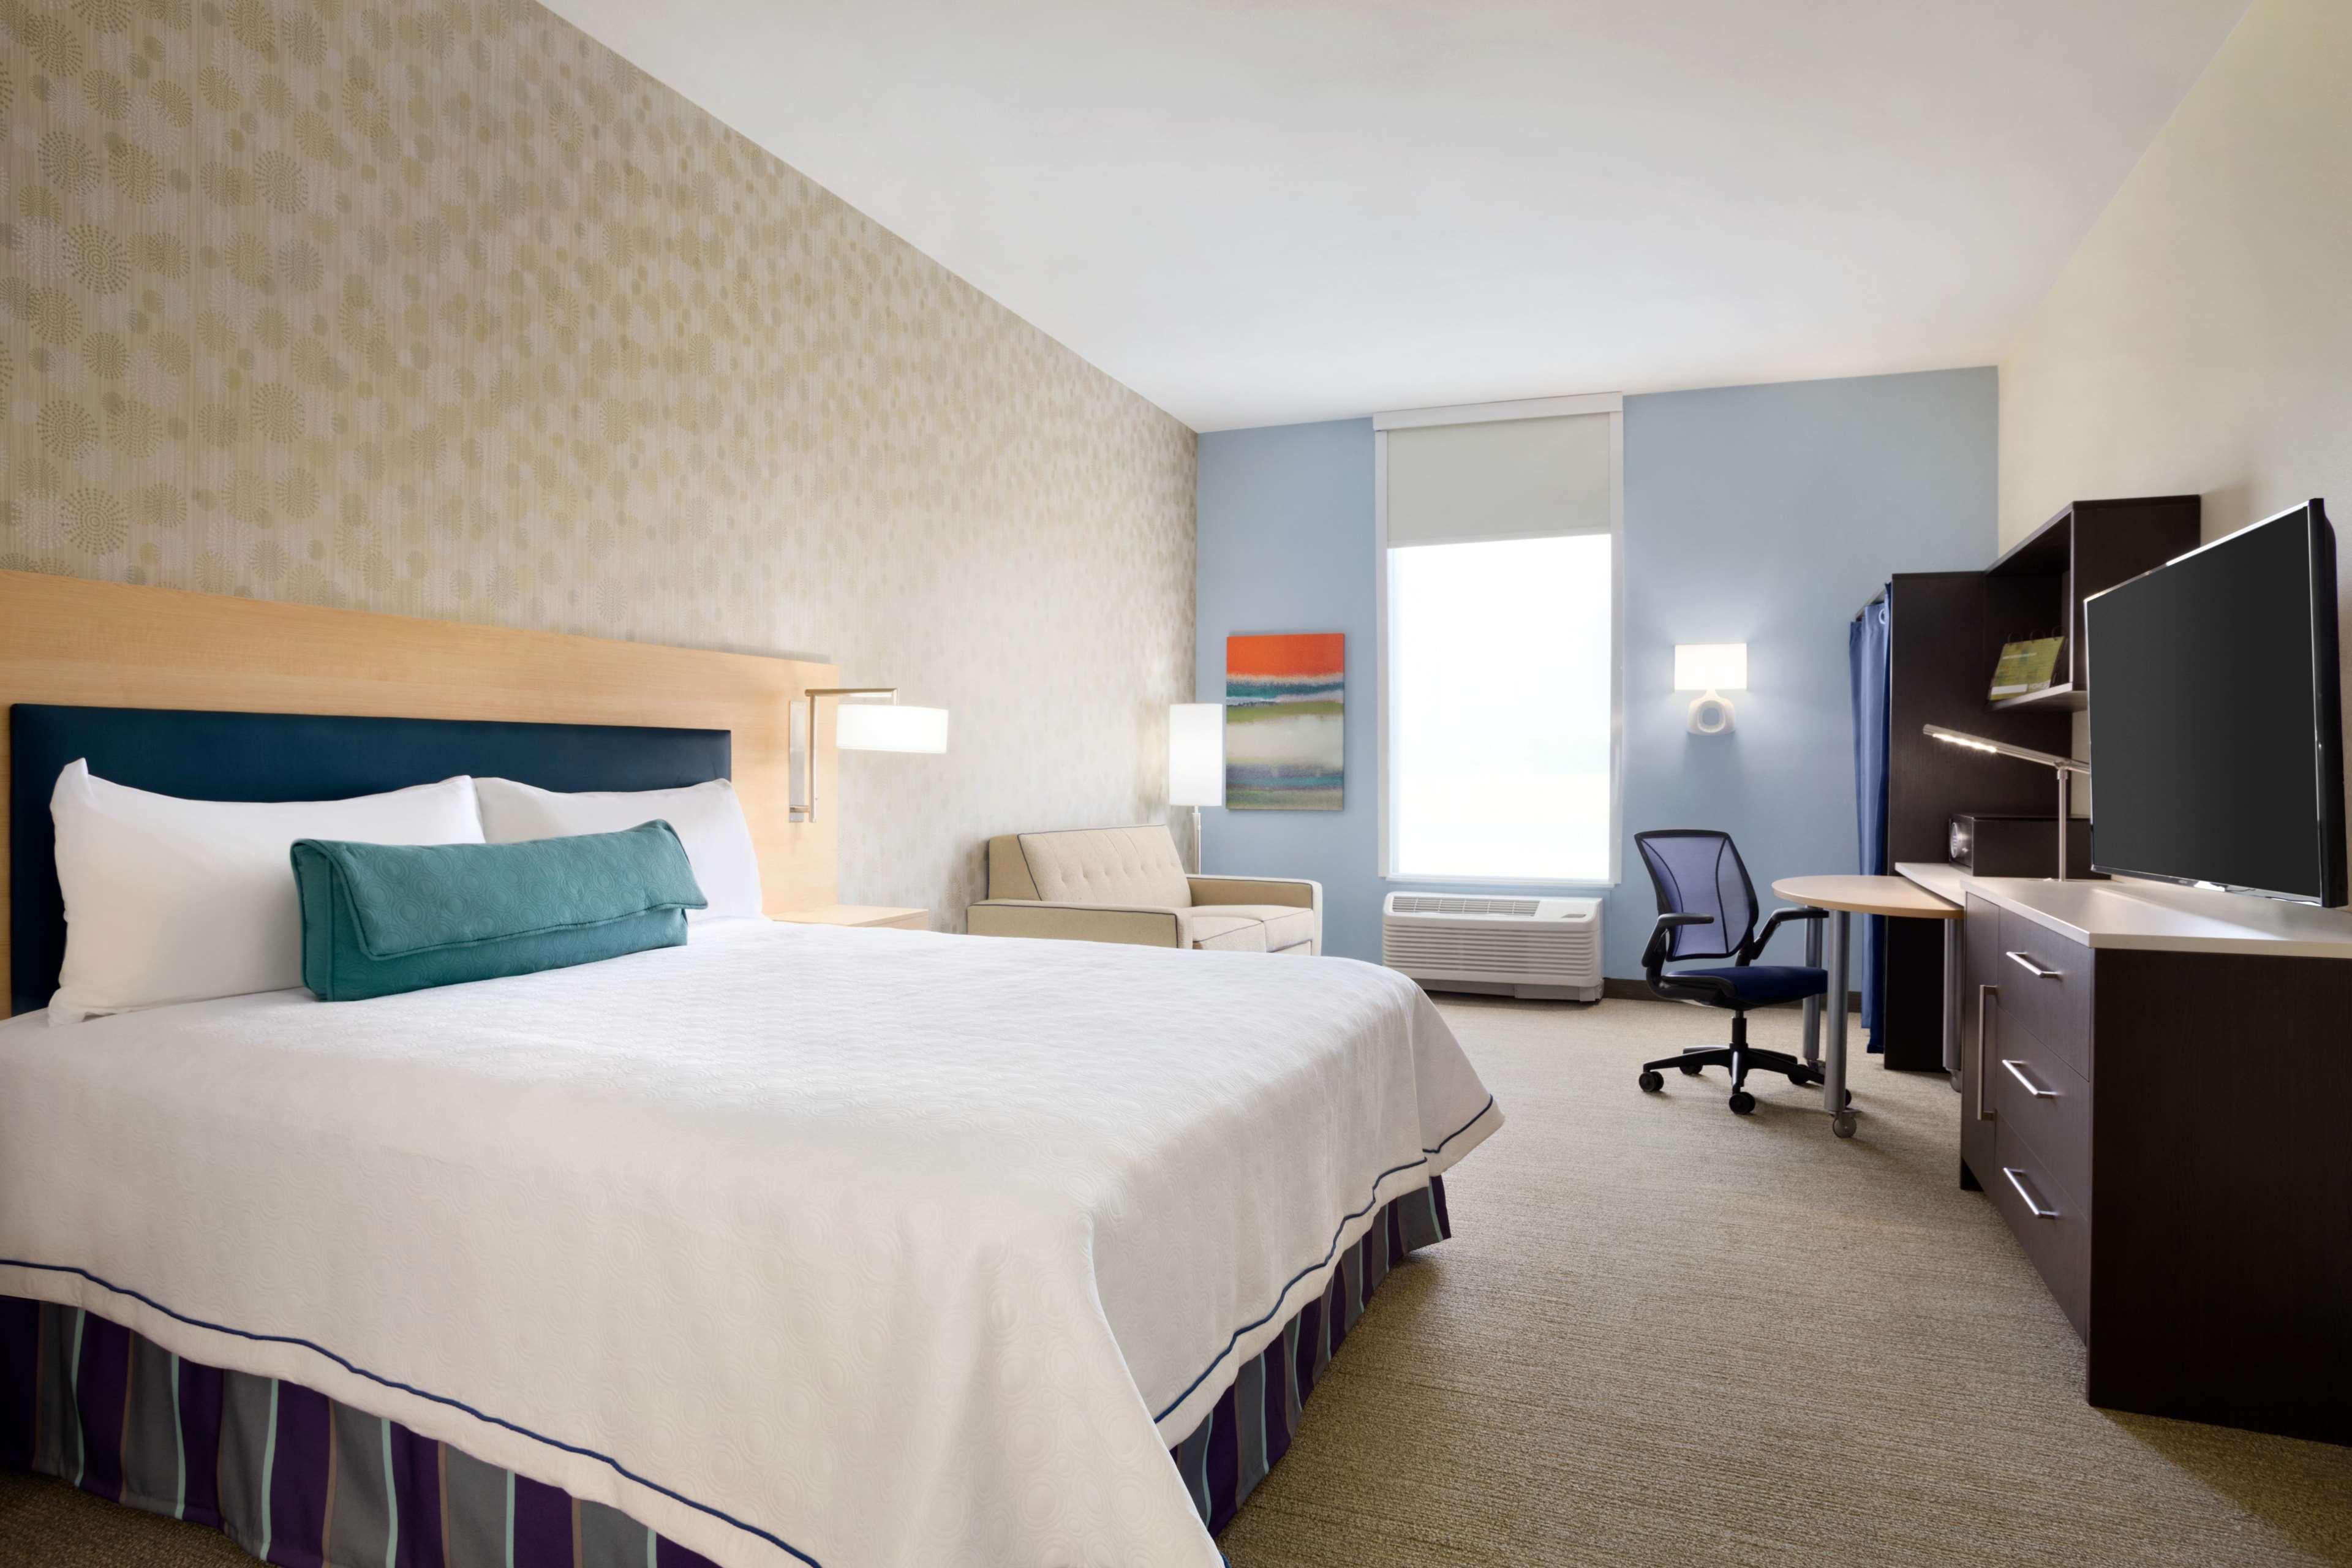 Home2 Suites by Hilton McAllen image 21